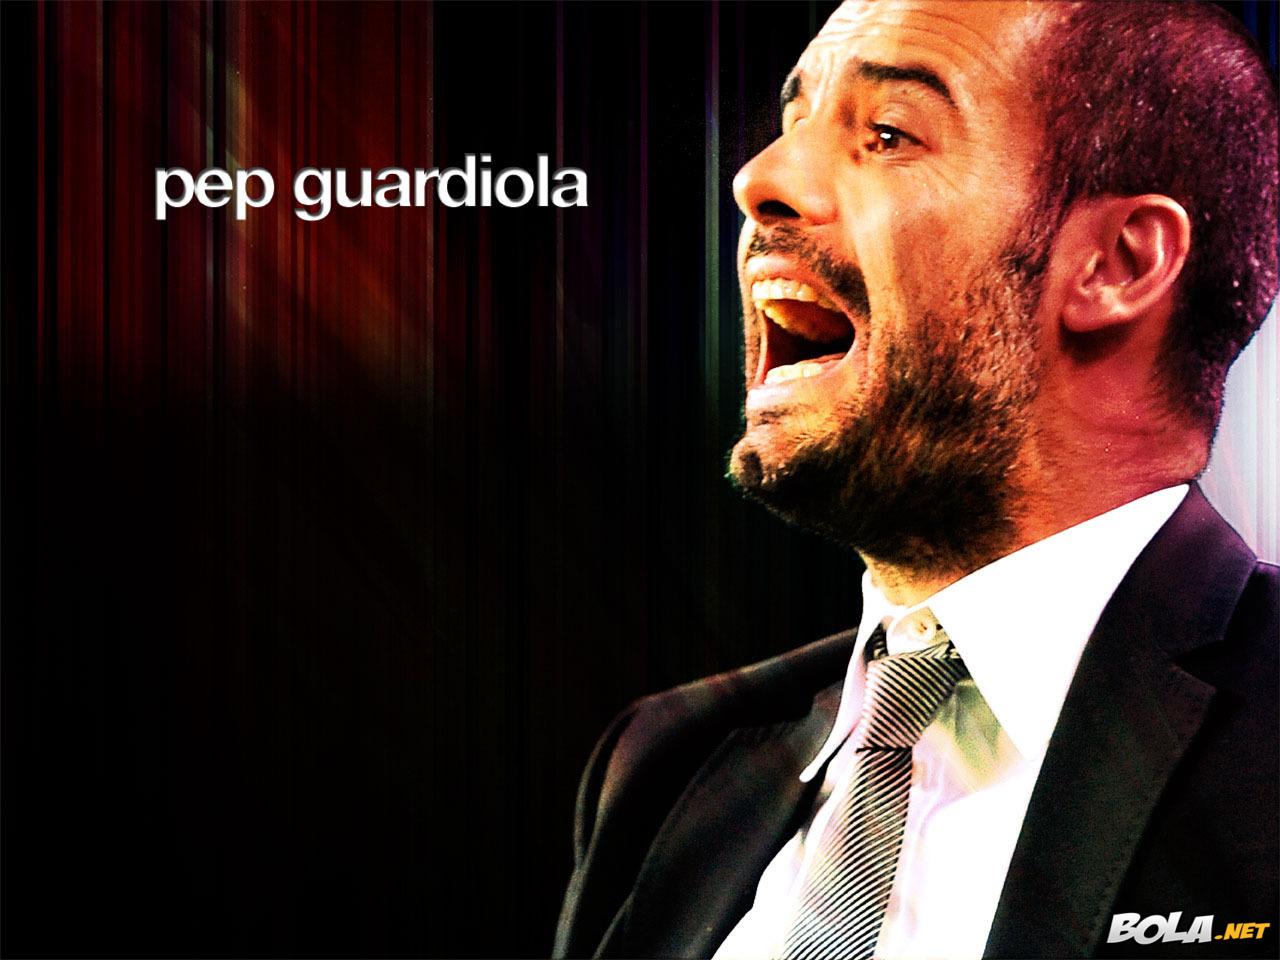 http://4.bp.blogspot.com/-79AdqaZh8_c/Ti2VjKjrtnI/AAAAAAAABwM/wfJHdN6yfnA/s1600/Pep-Guardiola-Wallpaper-2011.jpg